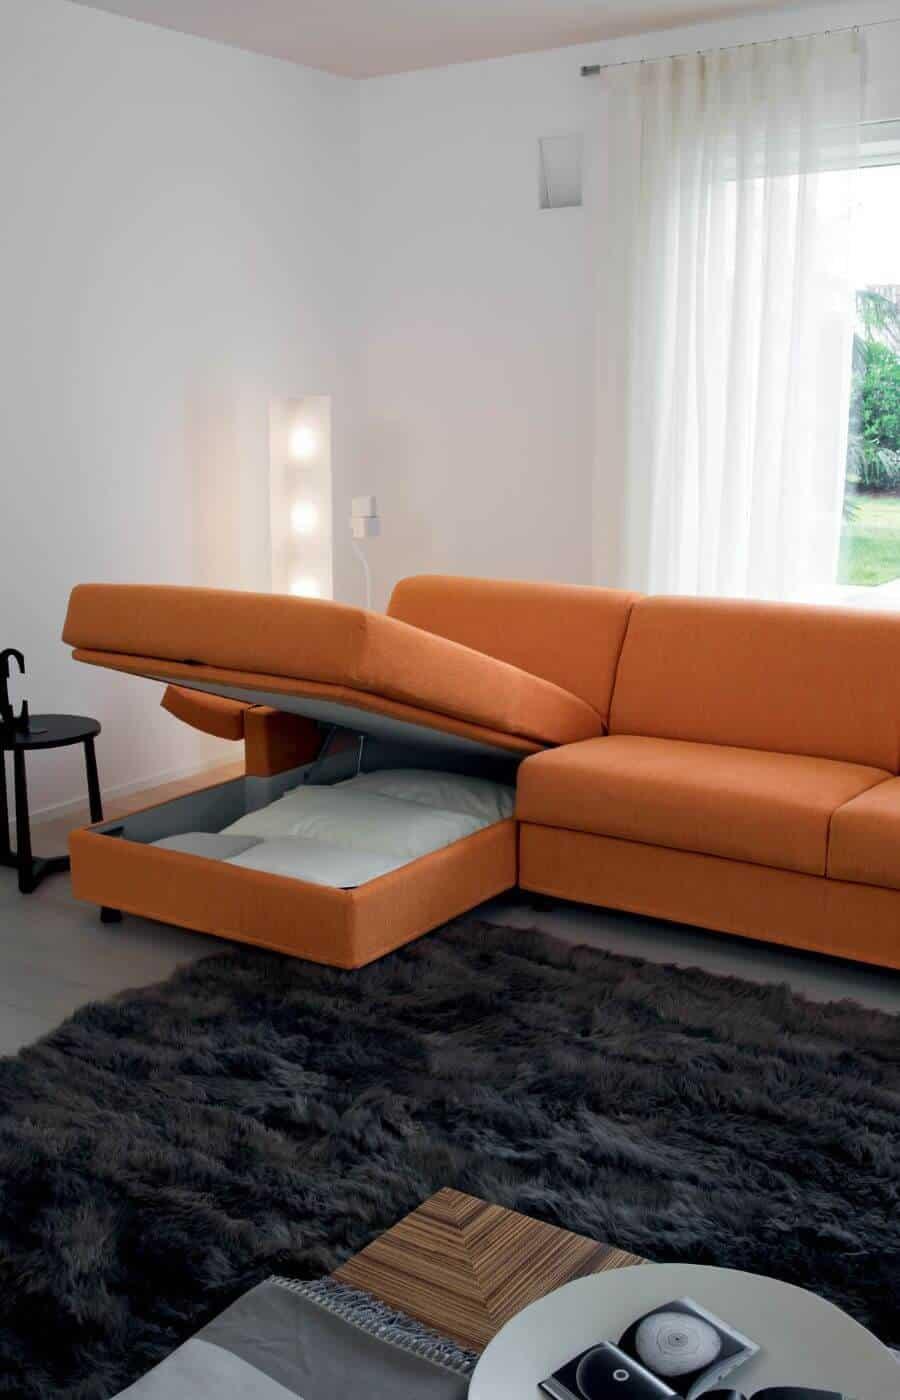 divani-letto-collezione-san-diego-il-mobile (3)